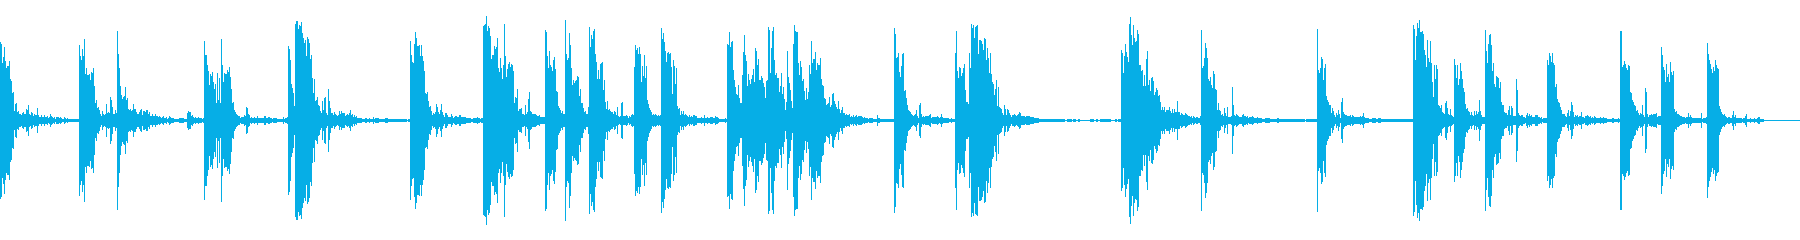 1930年代のハンドガンストリートバトルの再生済みの波形